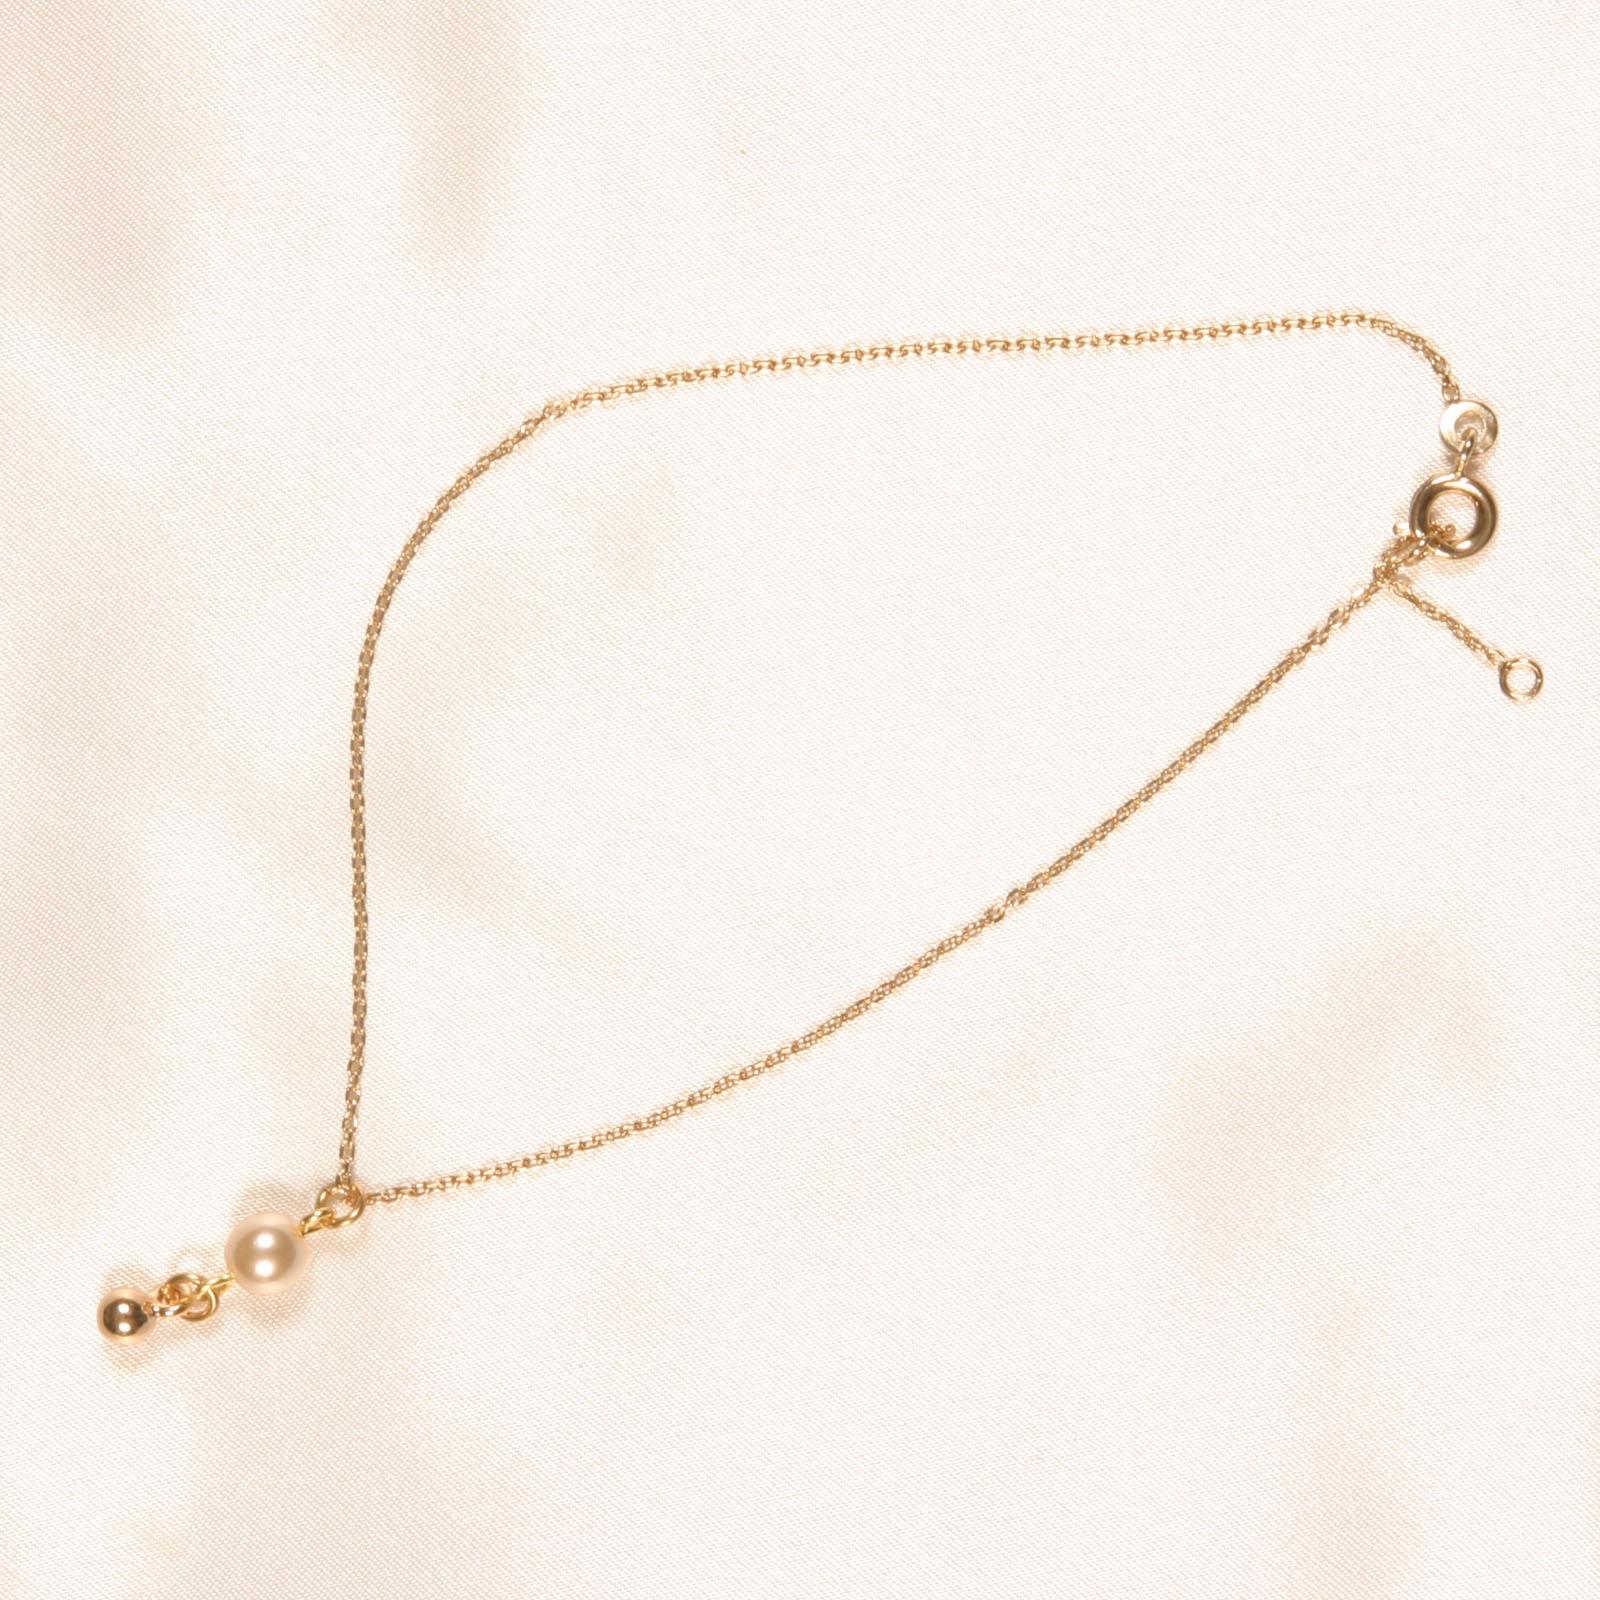 chc35 0 cheville perle nacre et or.jpg